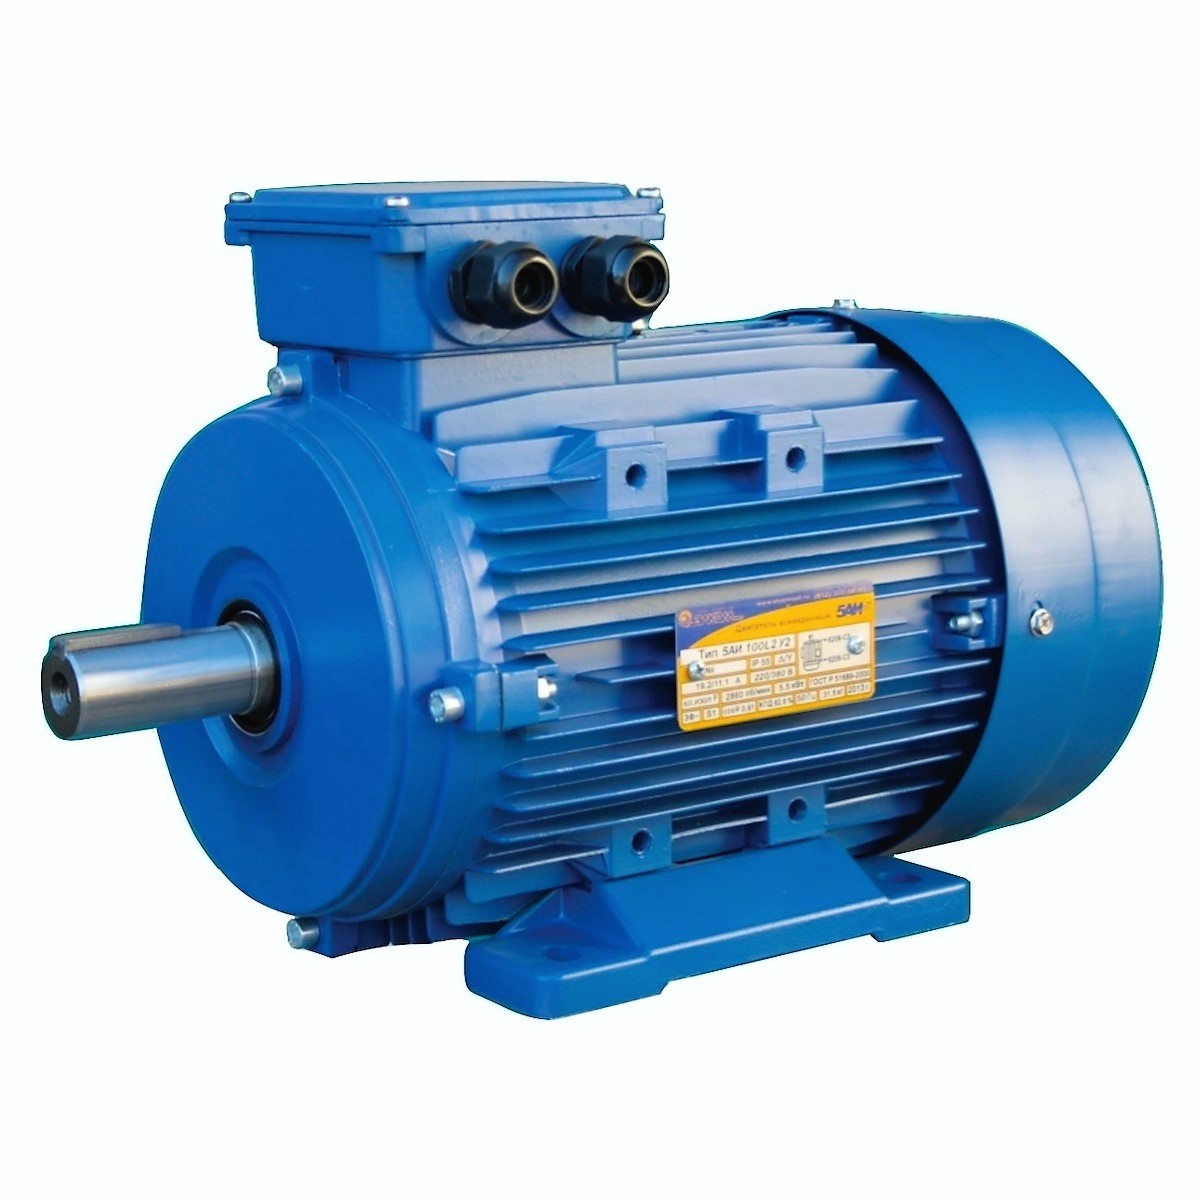 Электродвигатель 5АИ 100 L4 4кВт, 1500 об/мин